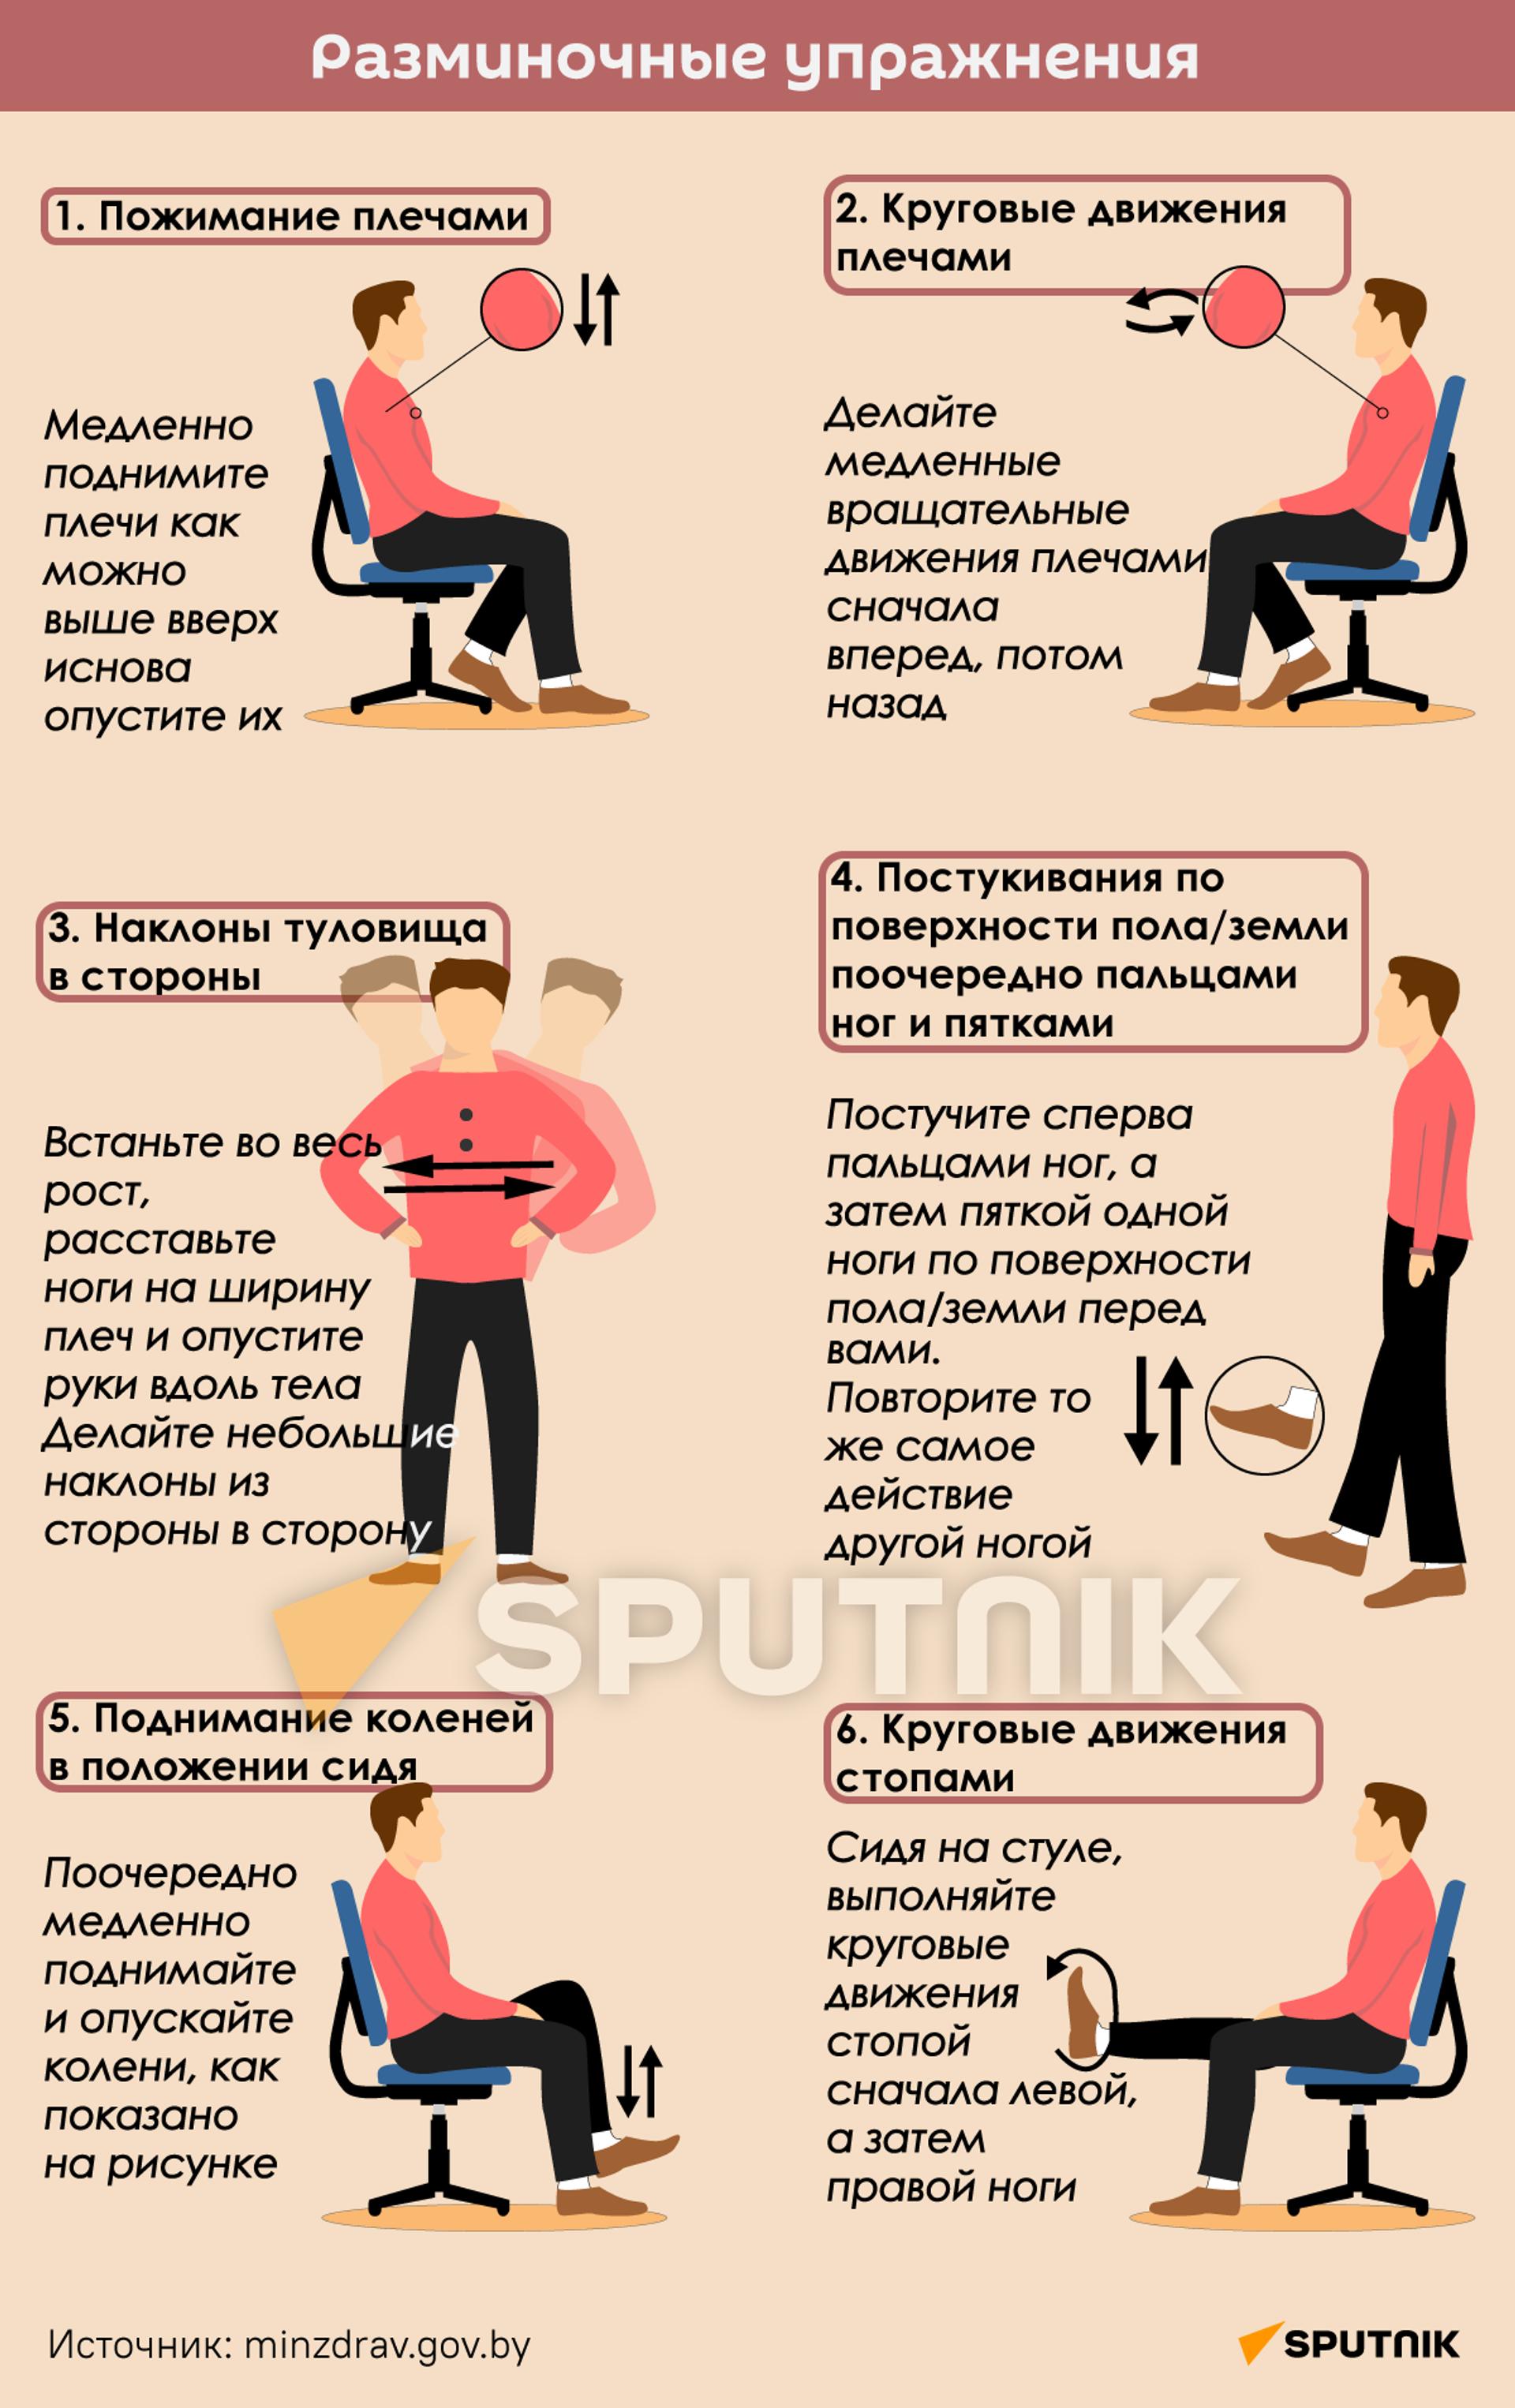 Разминочные упражнения - Sputnik Беларусь, 1920, 08.10.2021